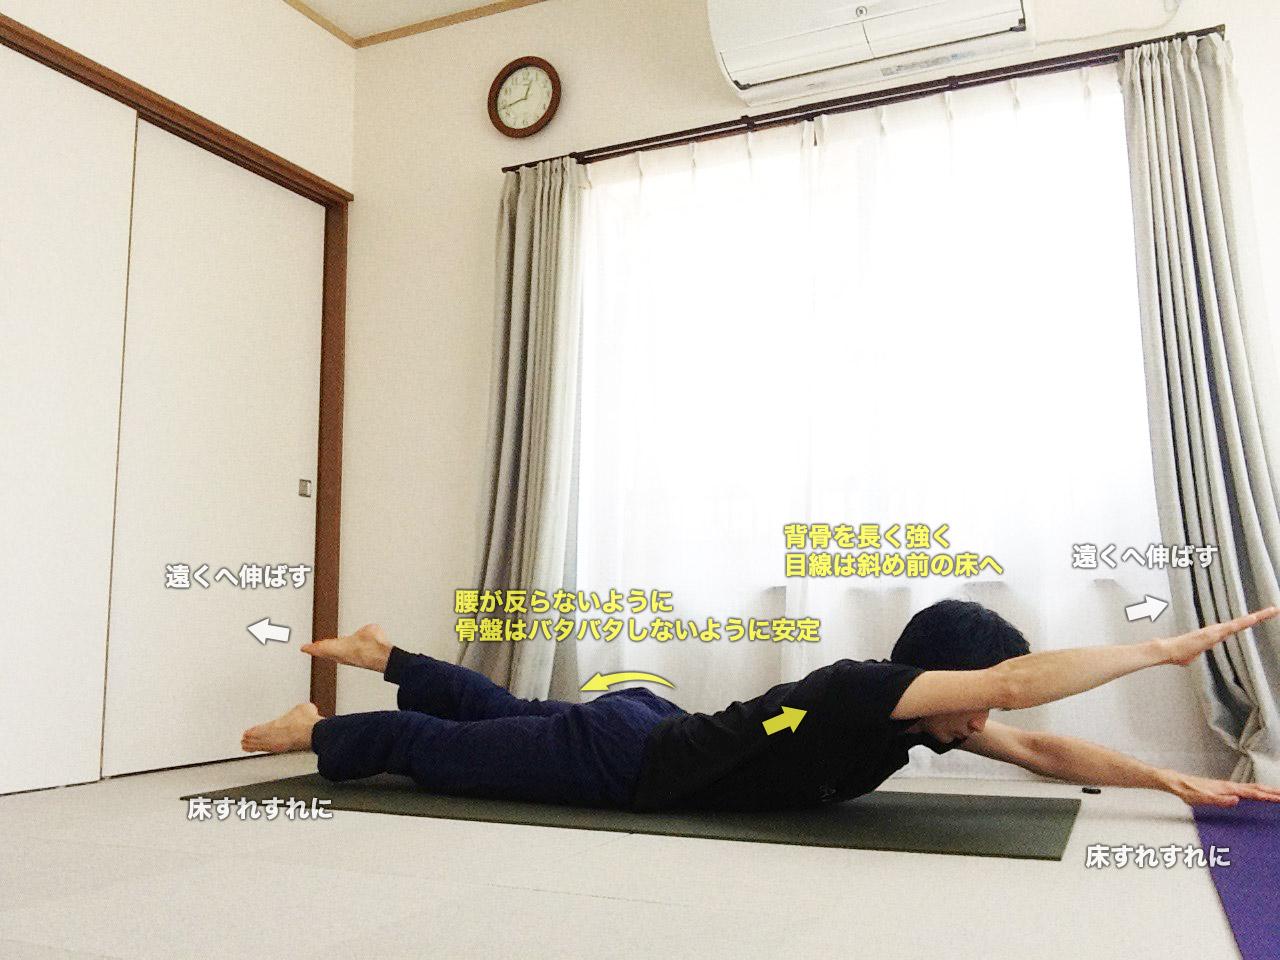 スイミング(ピラティス)〜揺れない強い体幹、大きく美しく手足を使う〜